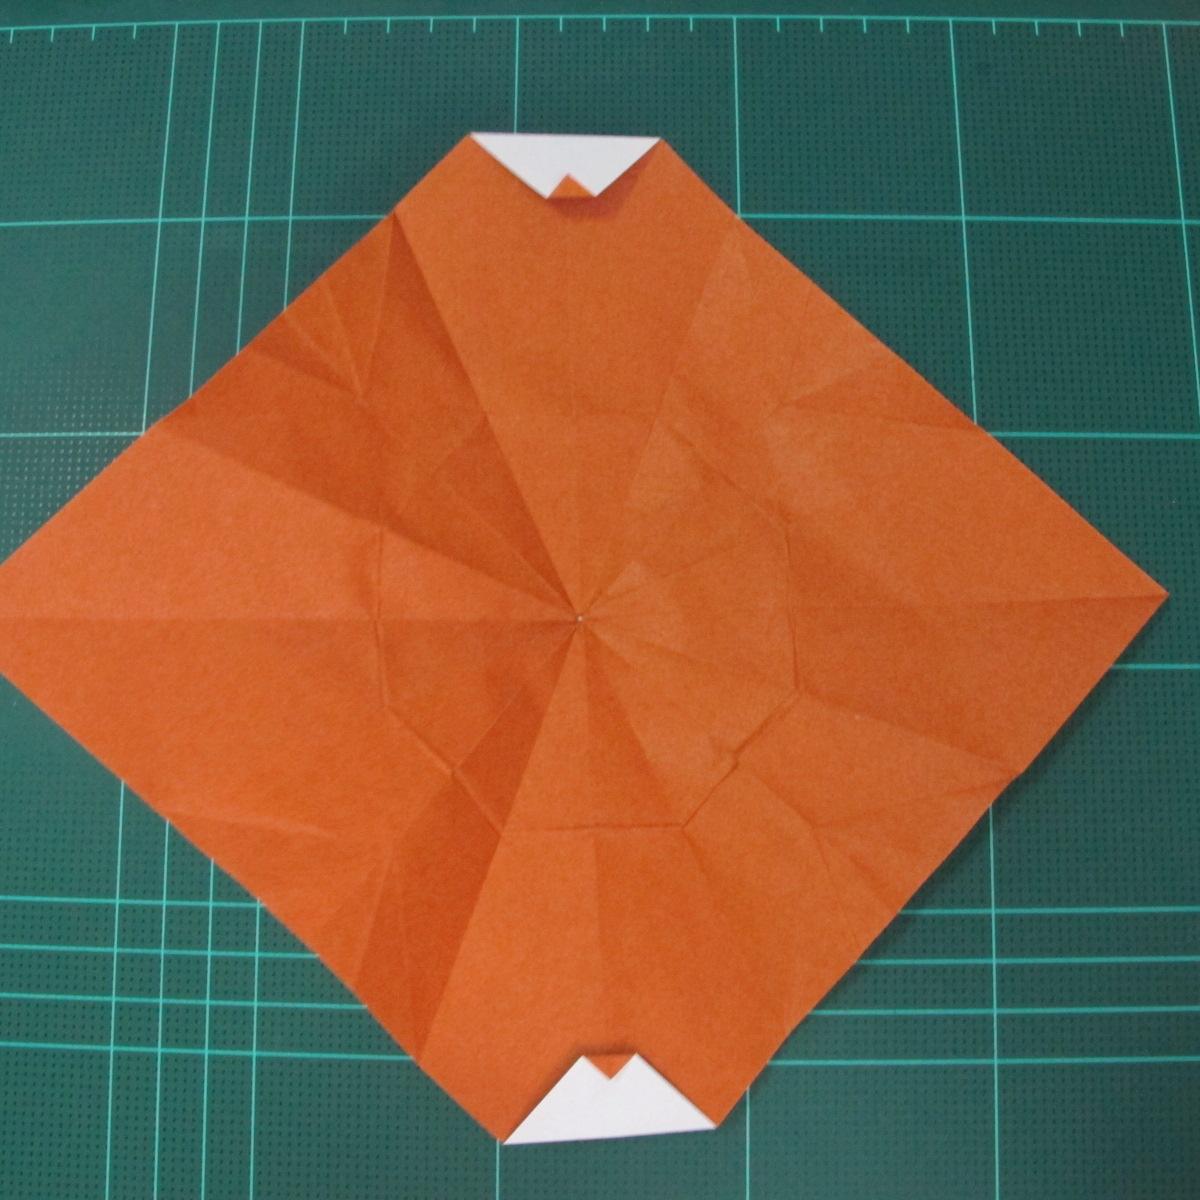 การพับกระดาษเป็นที่คั่นหนังสือหมีแว่น (Spectacled Bear Origami)  โดย Diego Quevedo 017